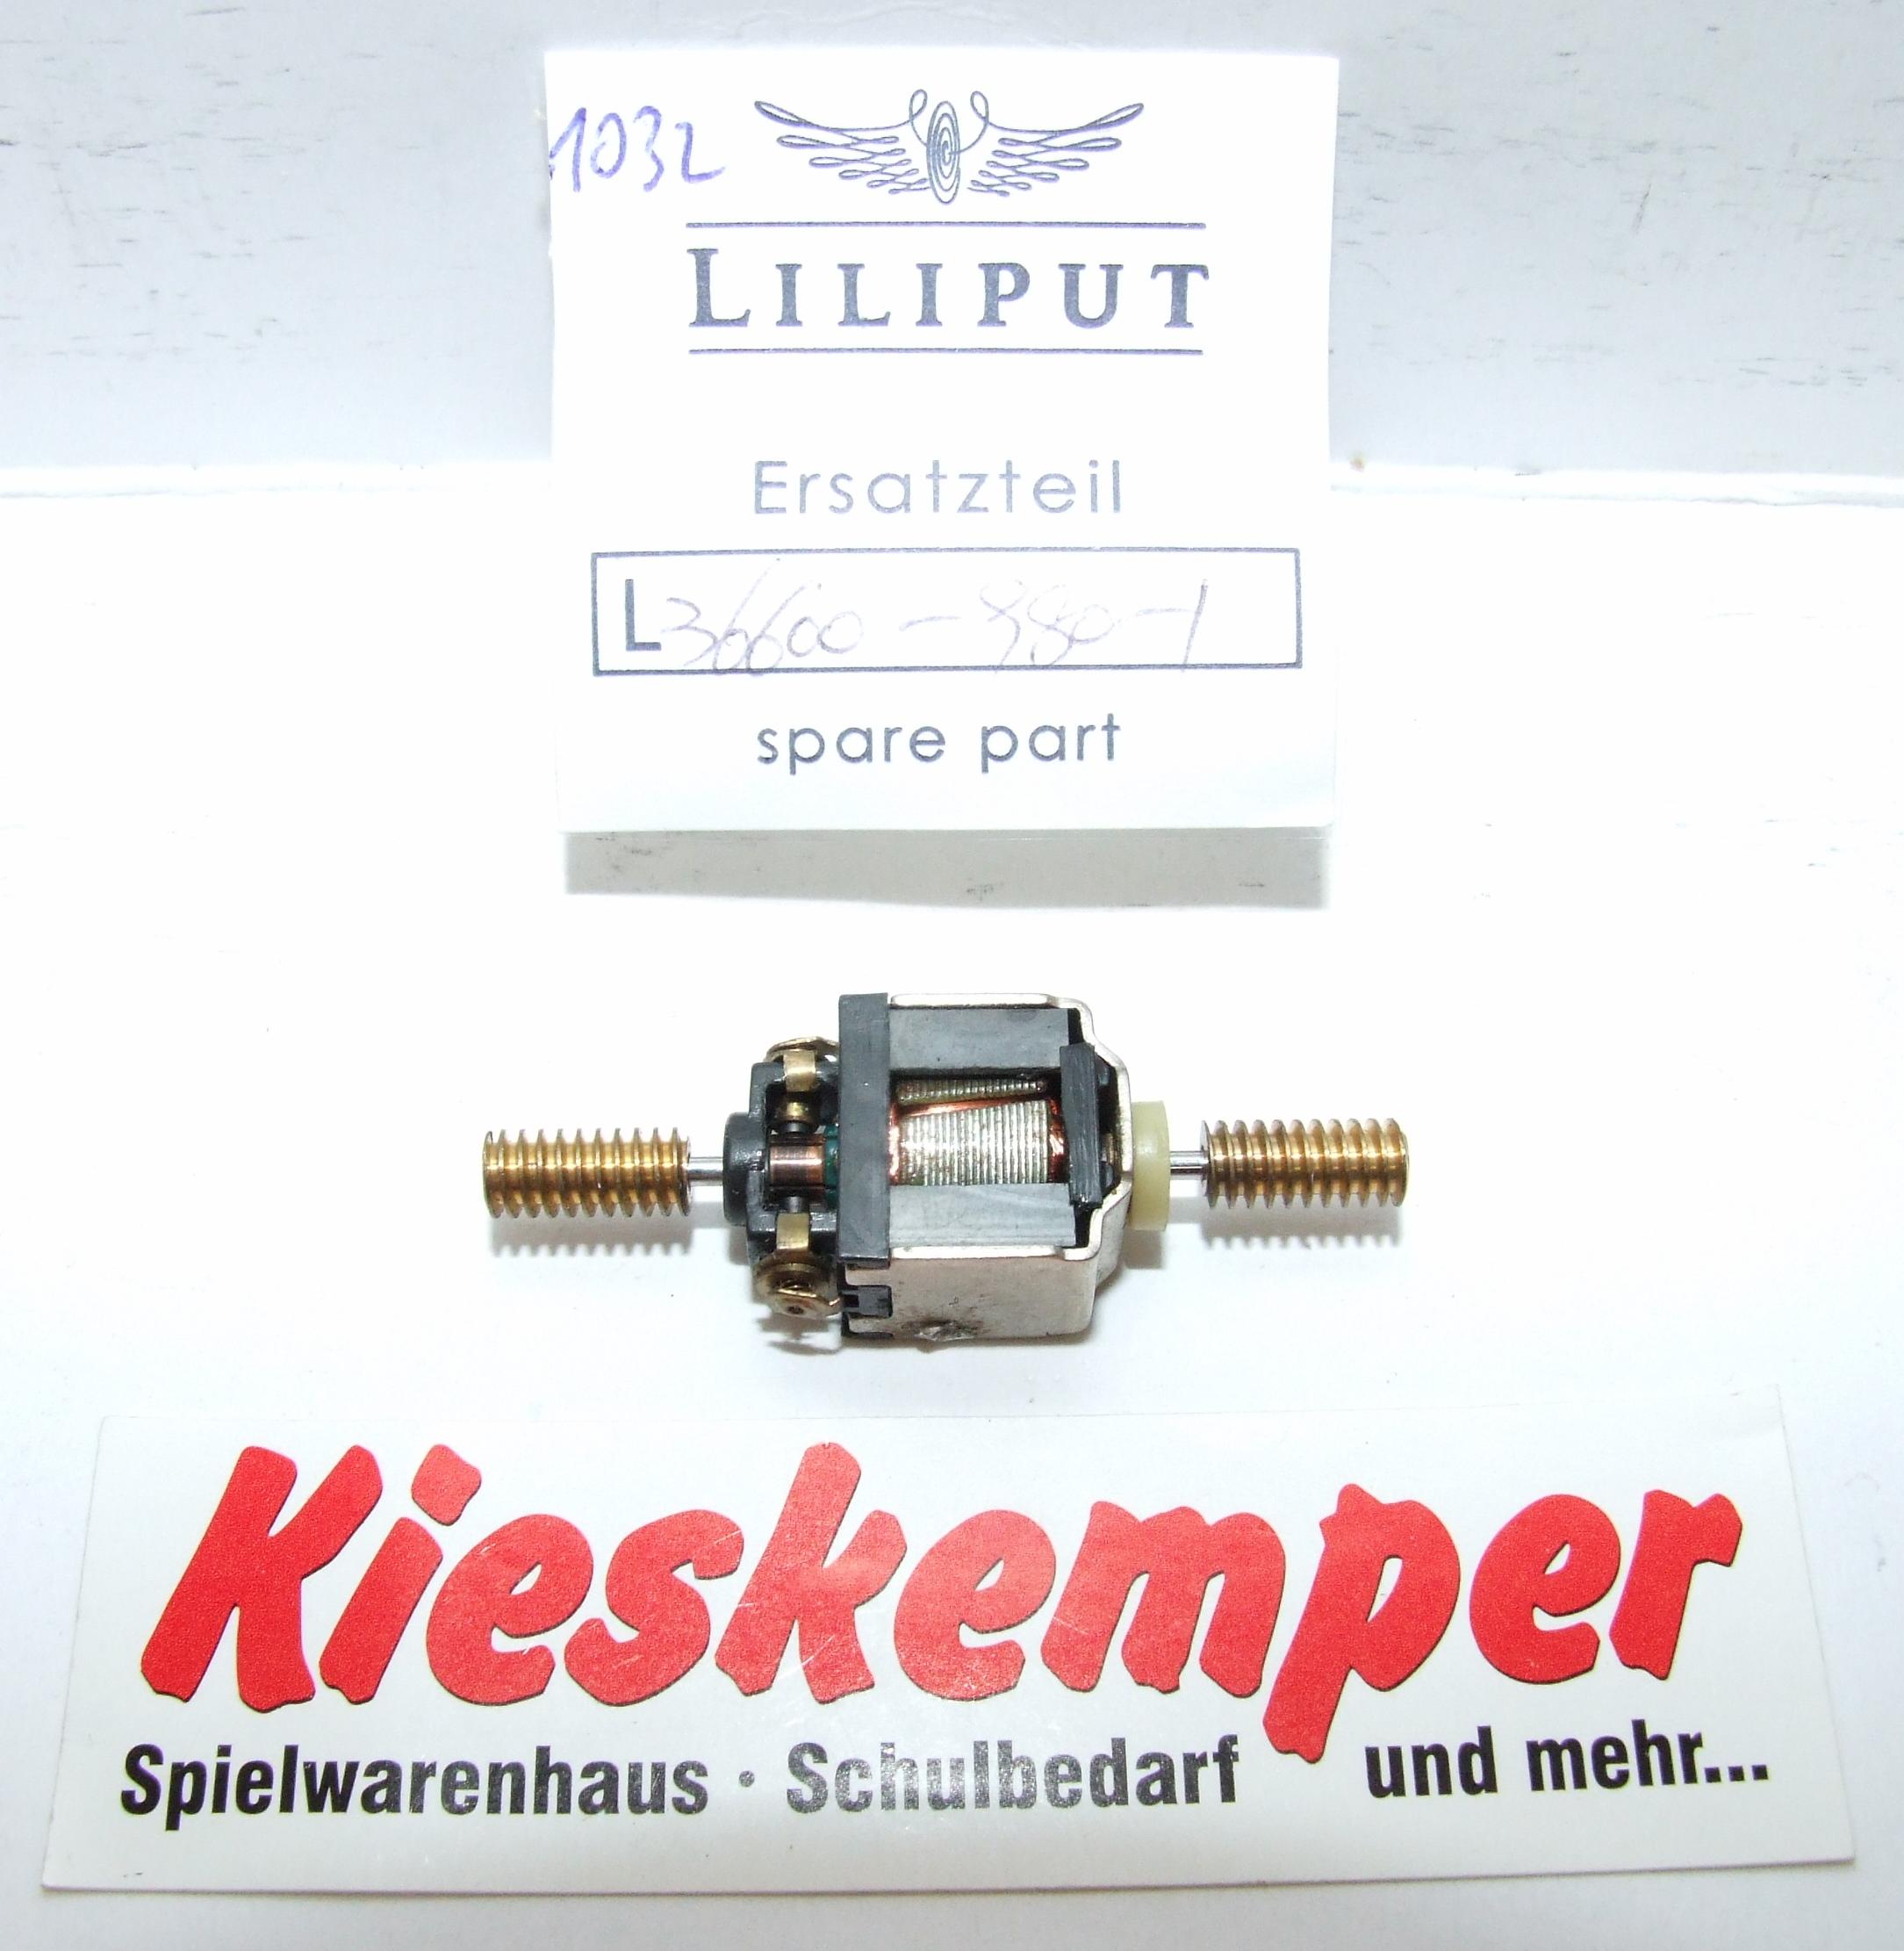 LO1032 Liliput H0 L 366009801 Motor Ersatzteil für Panzer Zug Wehrmacht